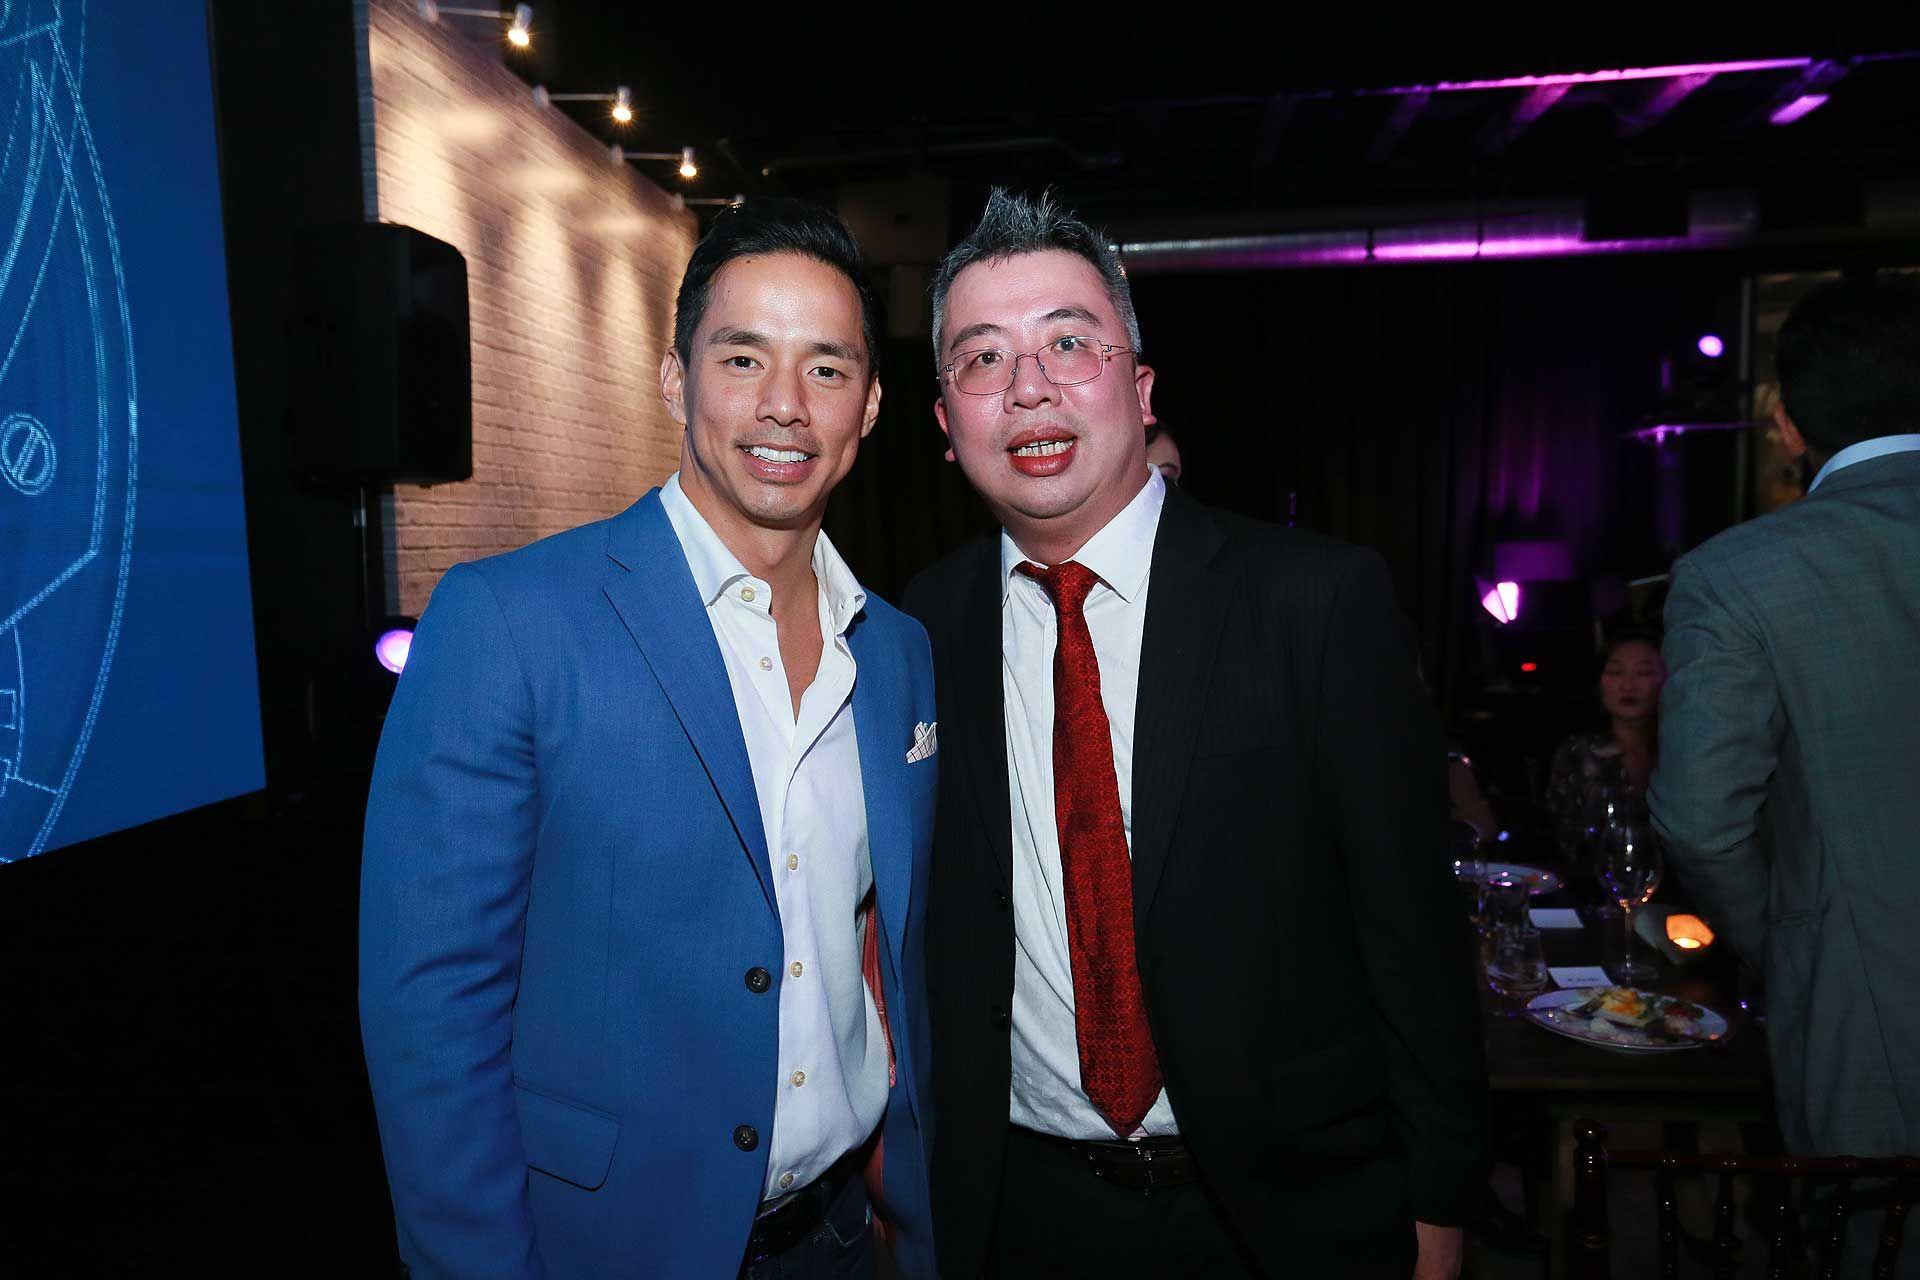 Tan San Chuan and Jerry Chun